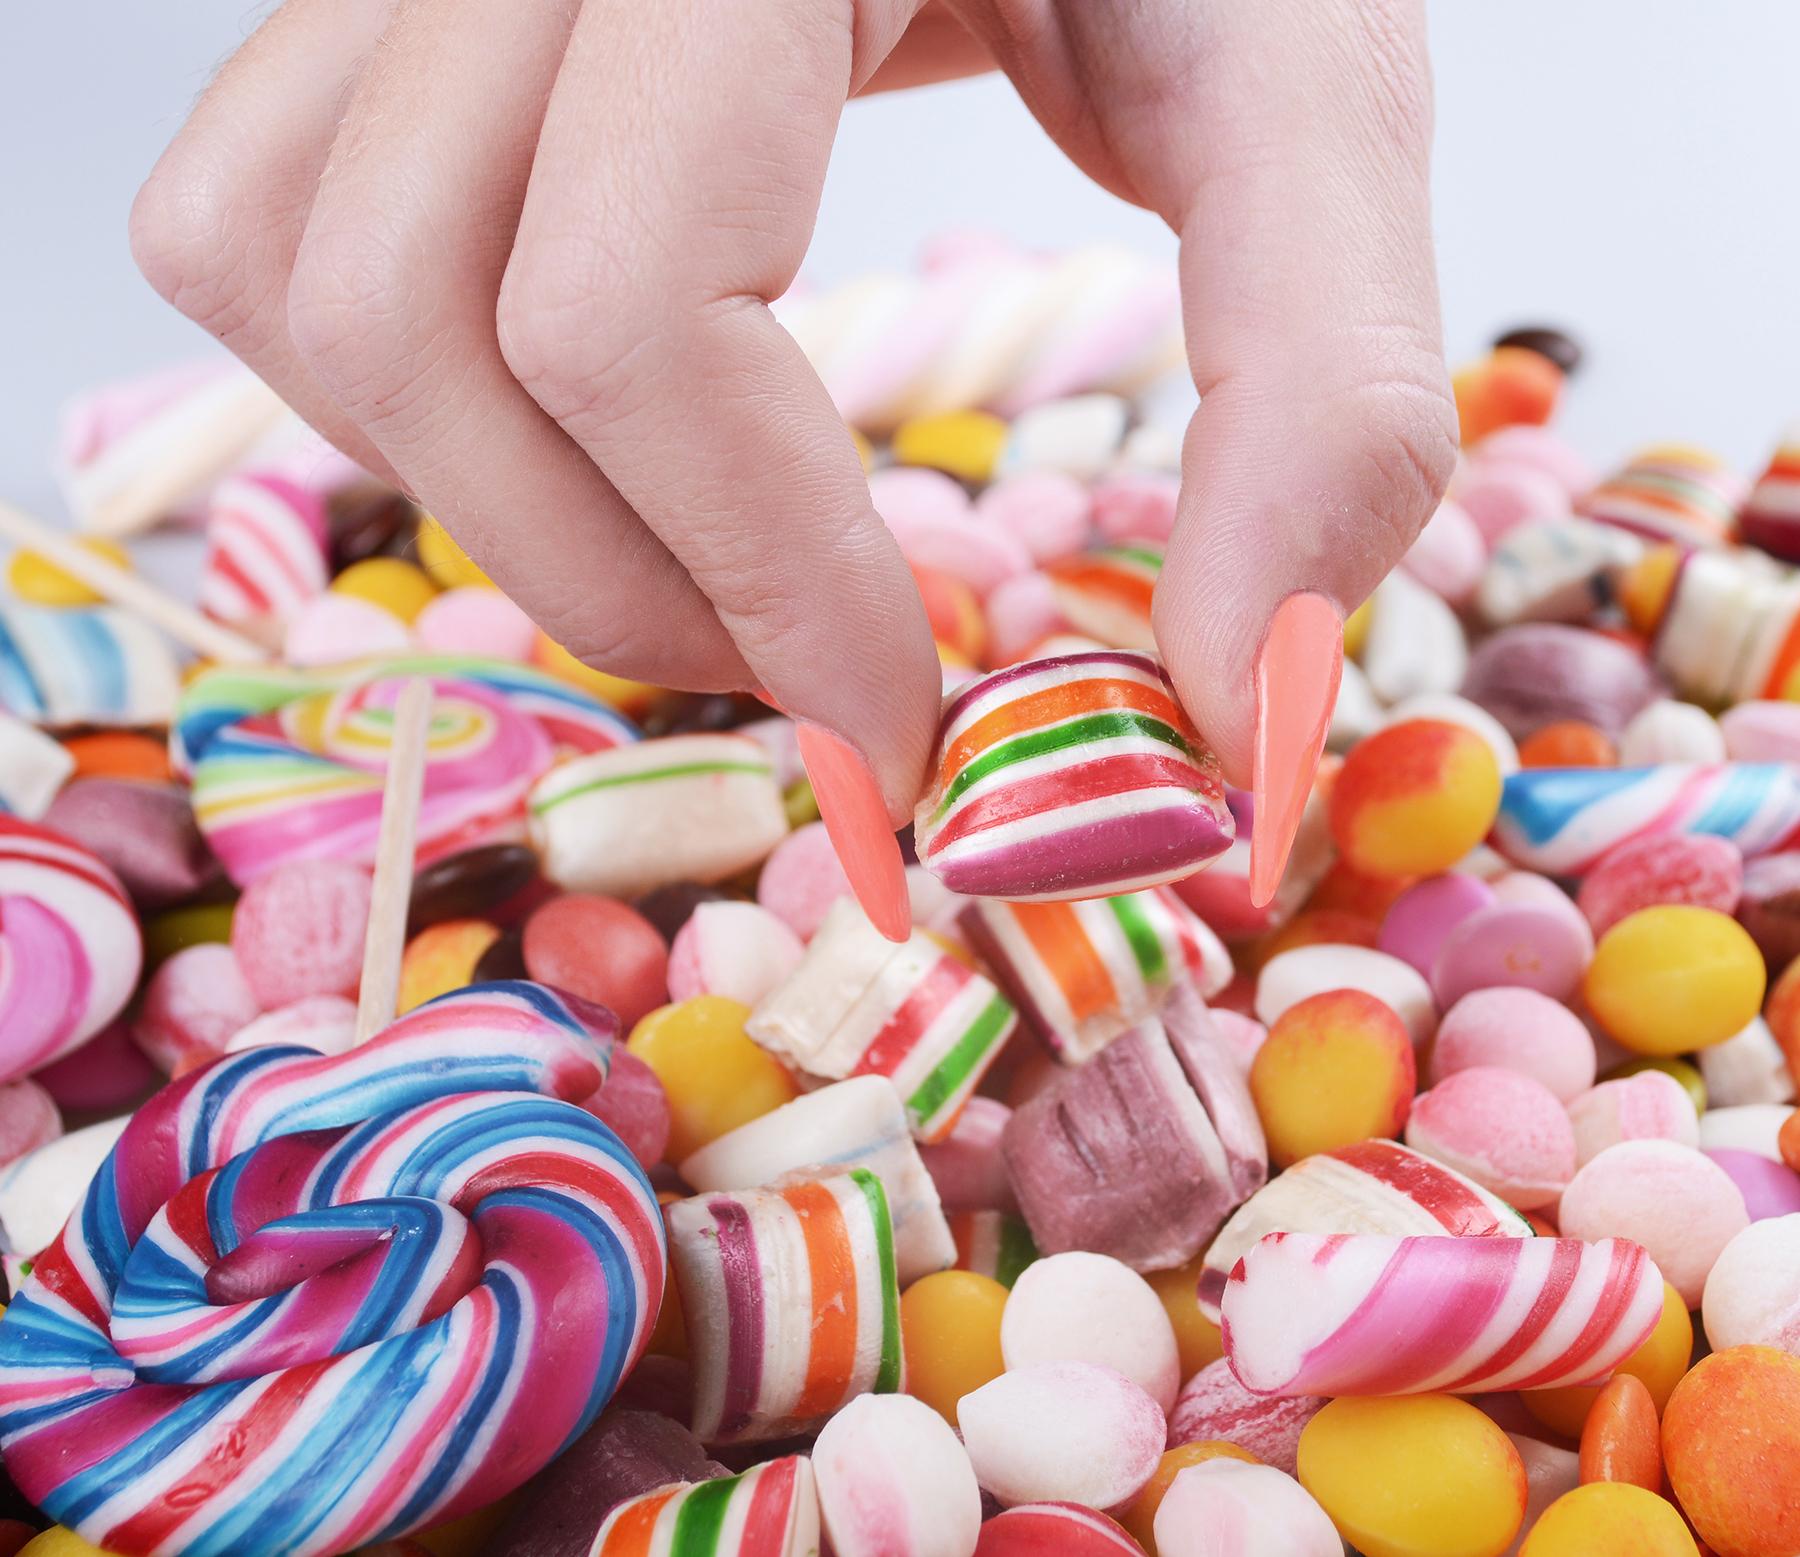 علاقه به مصرف شیرینی جات